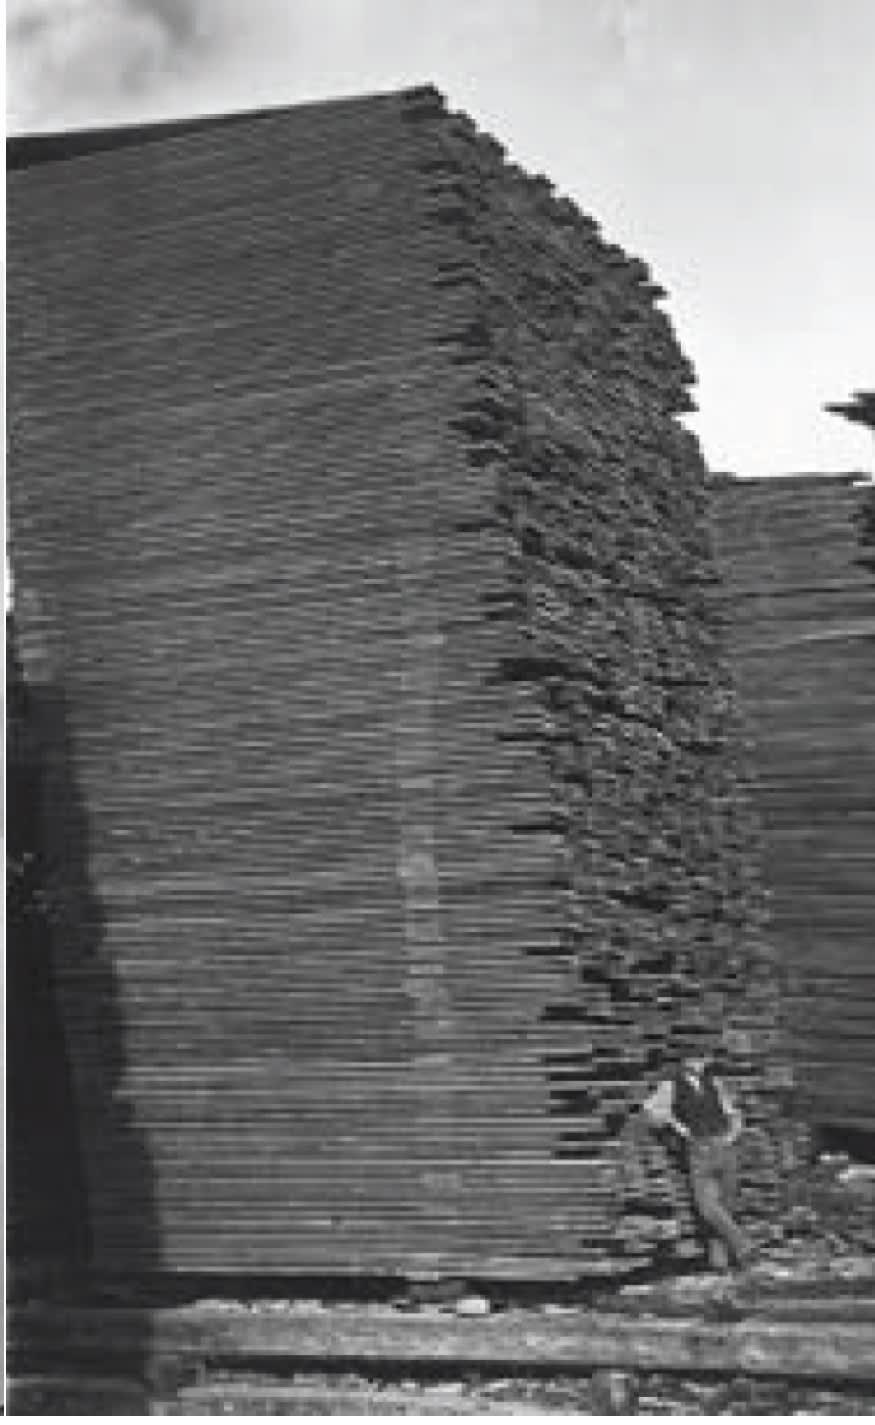 Empilage de madriers de bois - 1872